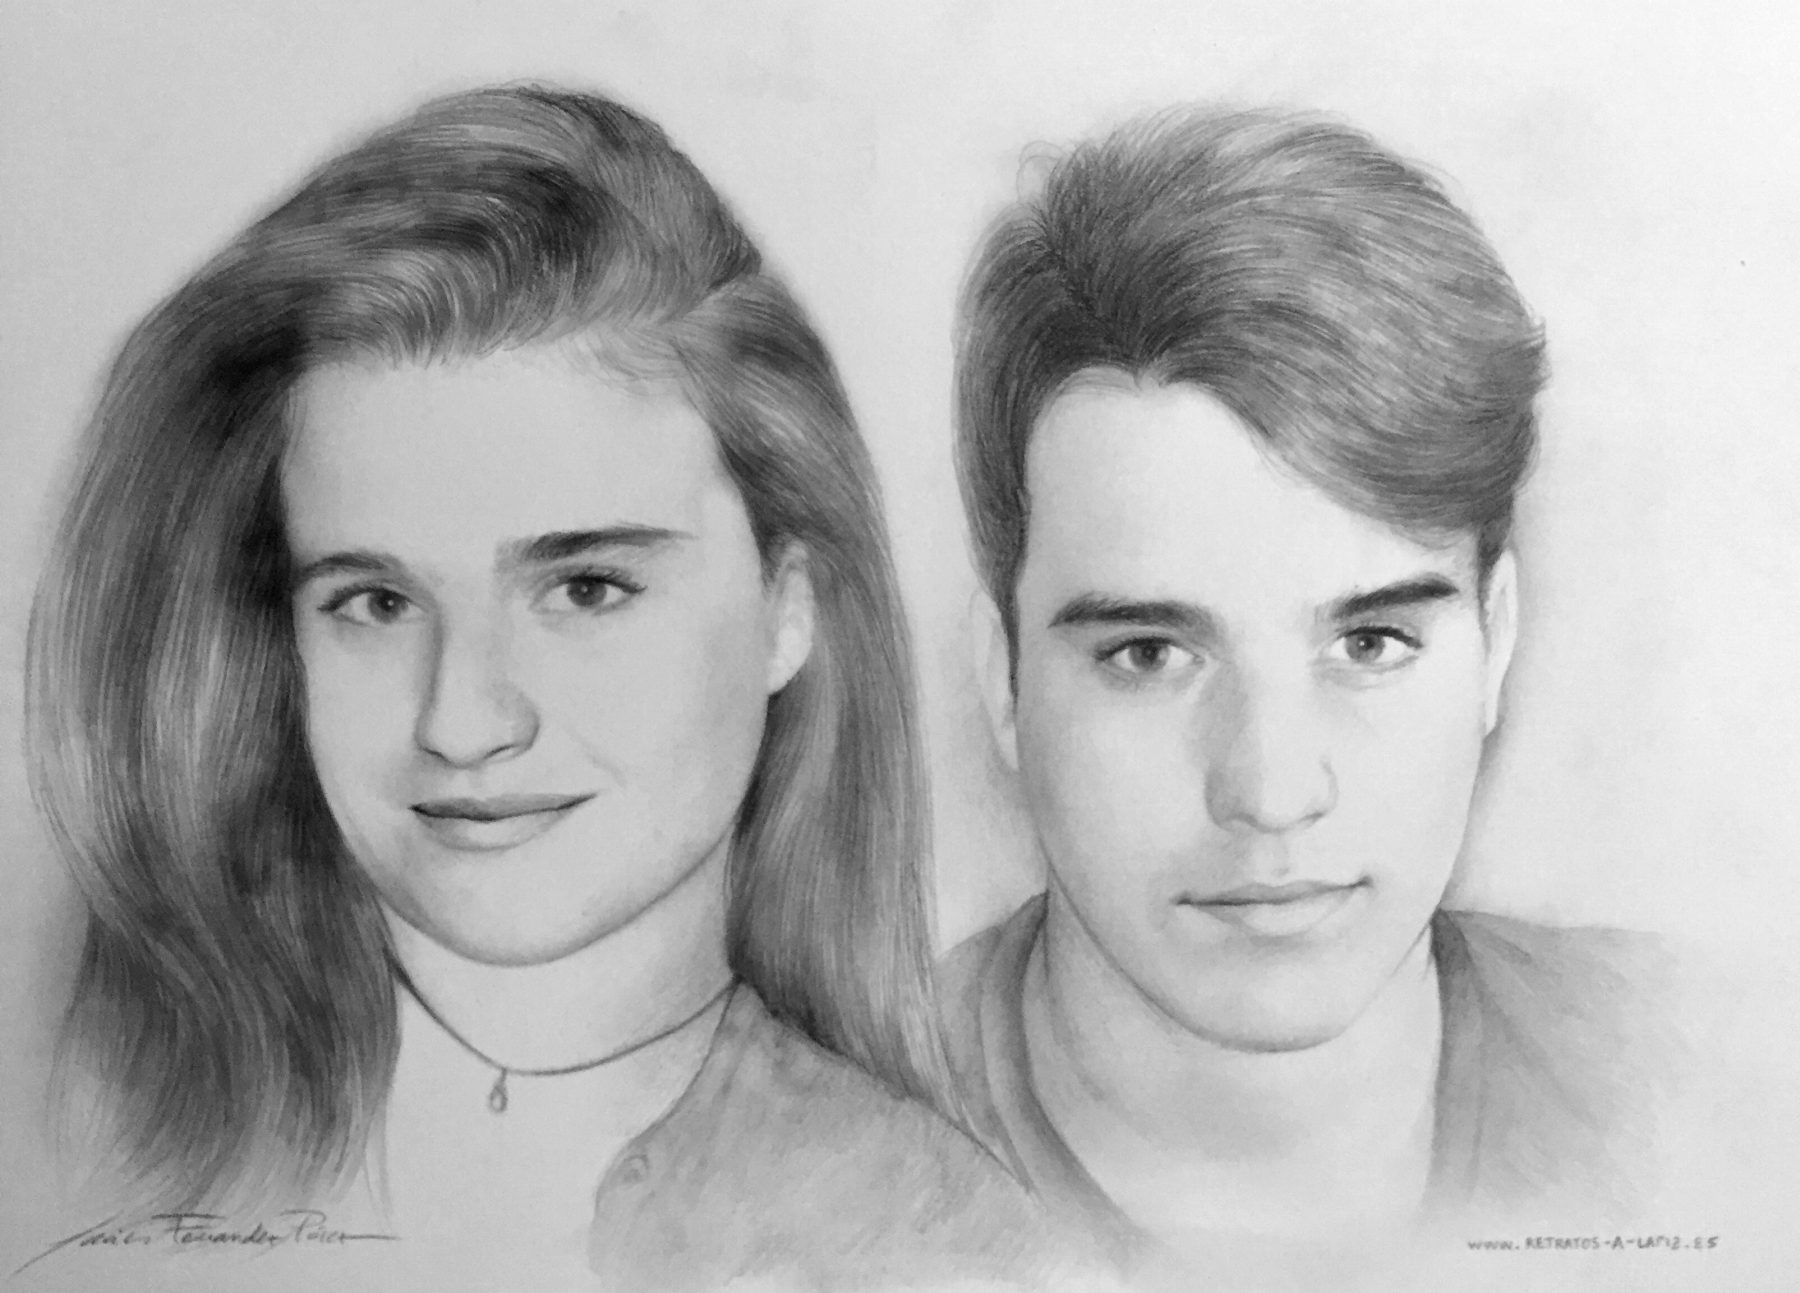 retratos-por-encargo-142-e1488841551471